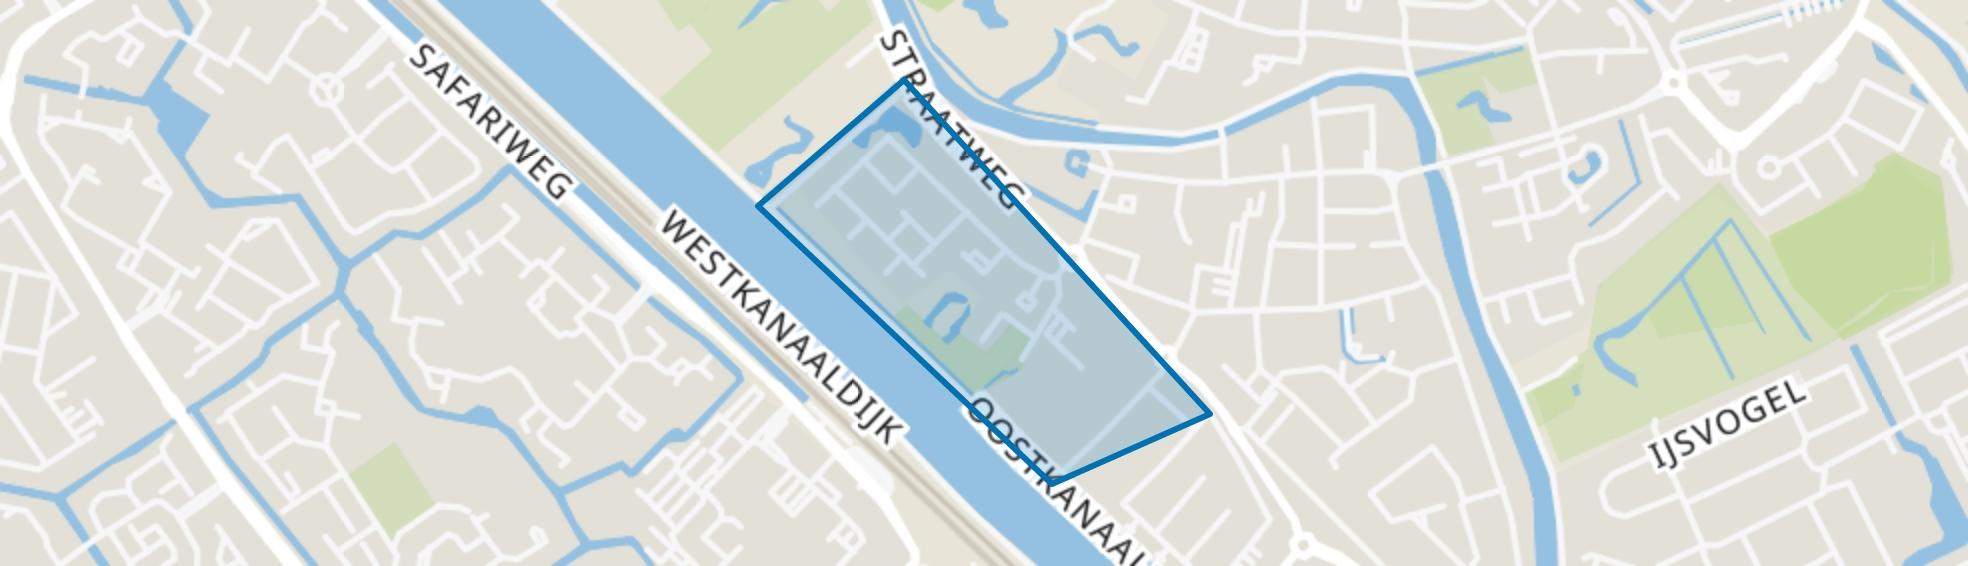 Reizende man, Maarssen map